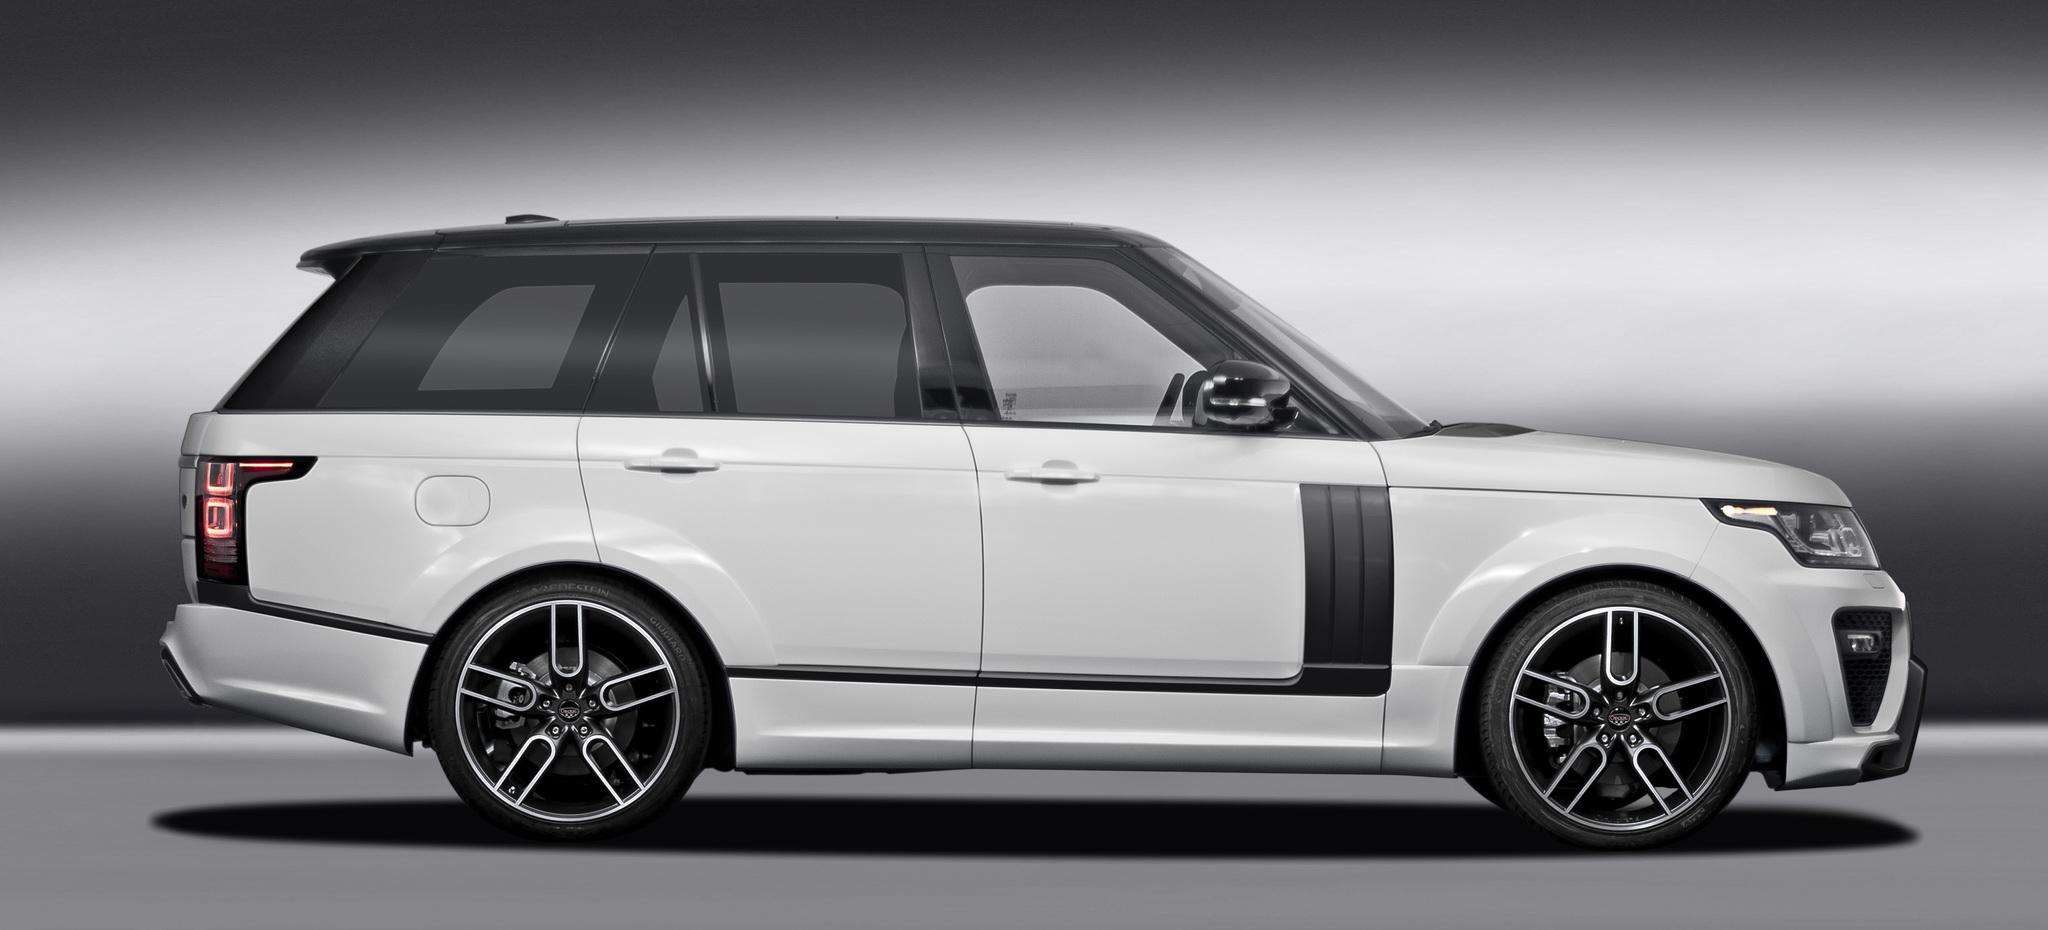 Обвес Caractere Exclusive на Range Rover Vogue